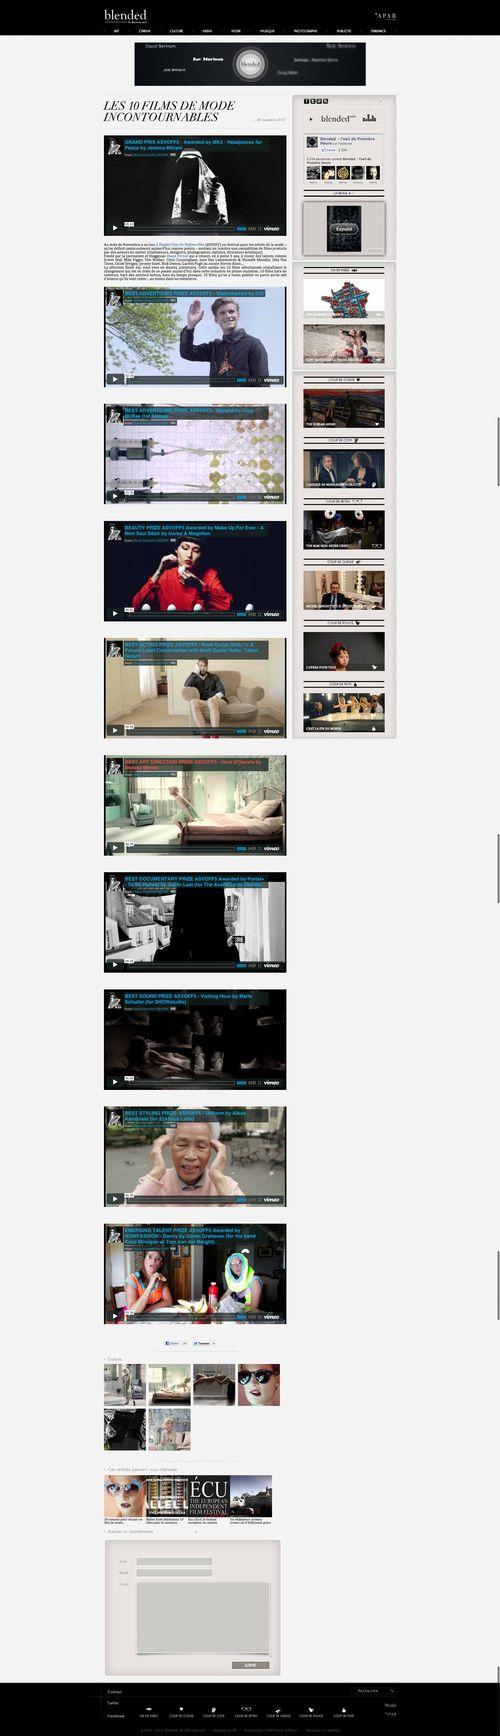 LES 10 FILMS DE MODE INCONTOURNABLES   blended – le dernier oeil copy